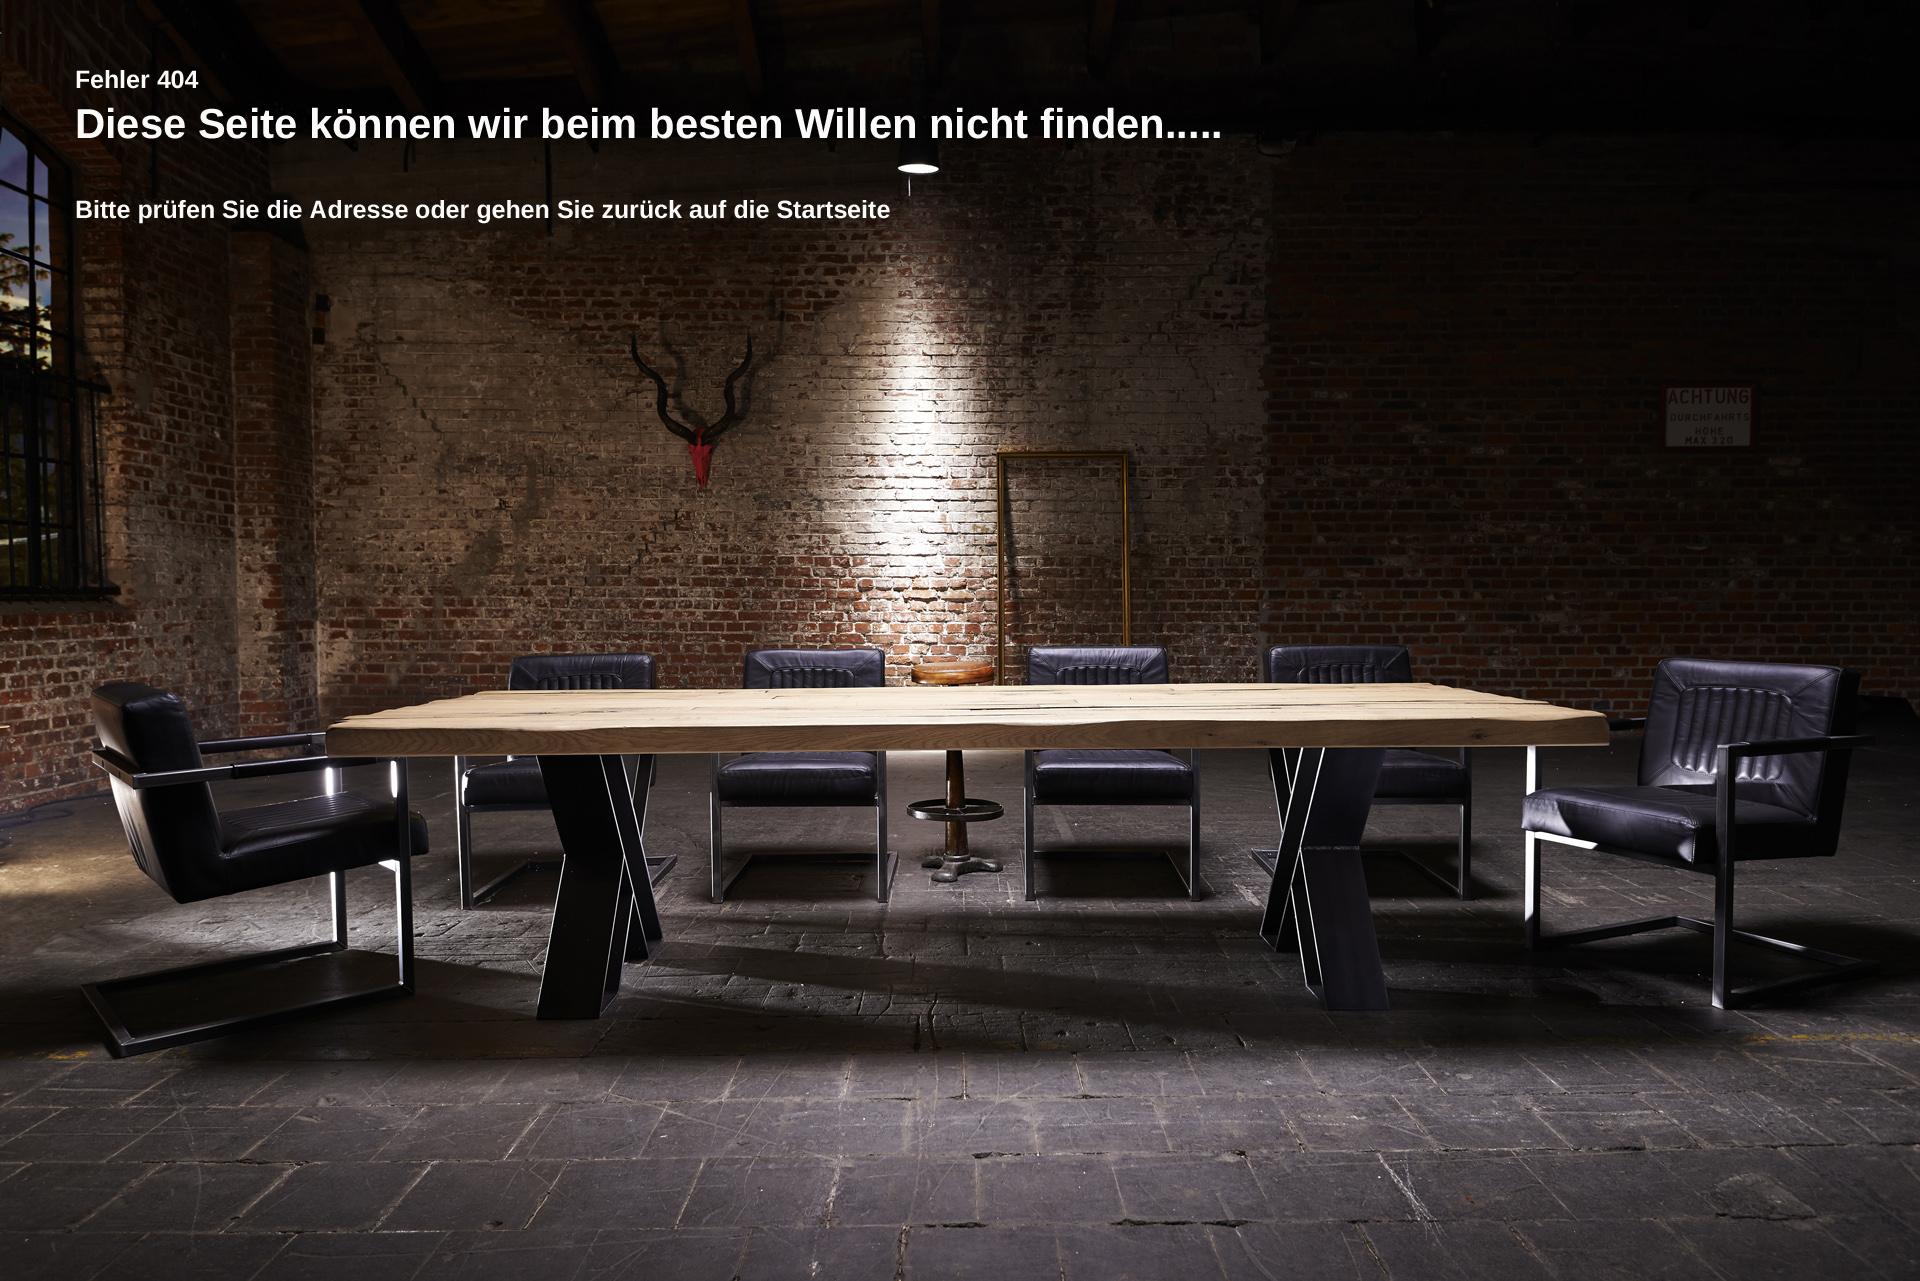 die seite wurde nicht gefunden. Black Bedroom Furniture Sets. Home Design Ideas